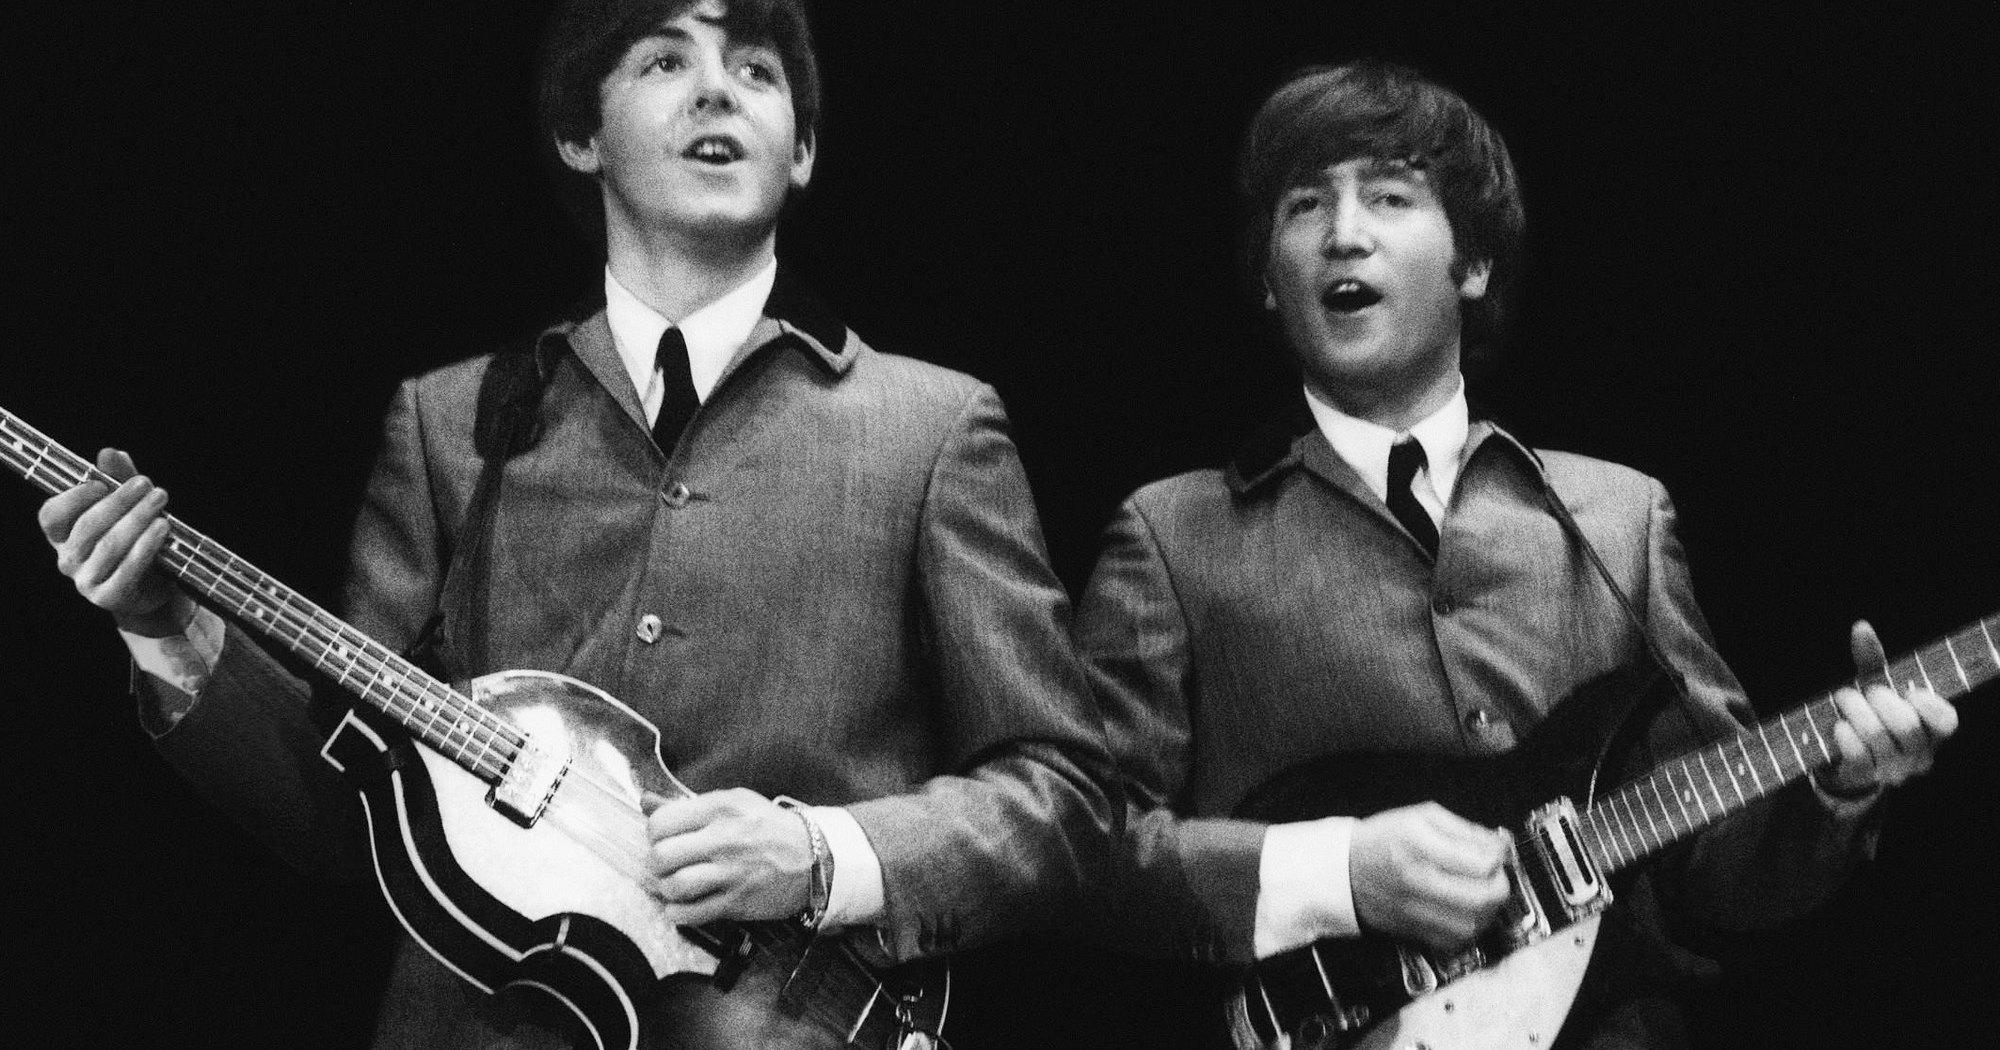 Статистики научились отличать песни Маккартни и Леннона